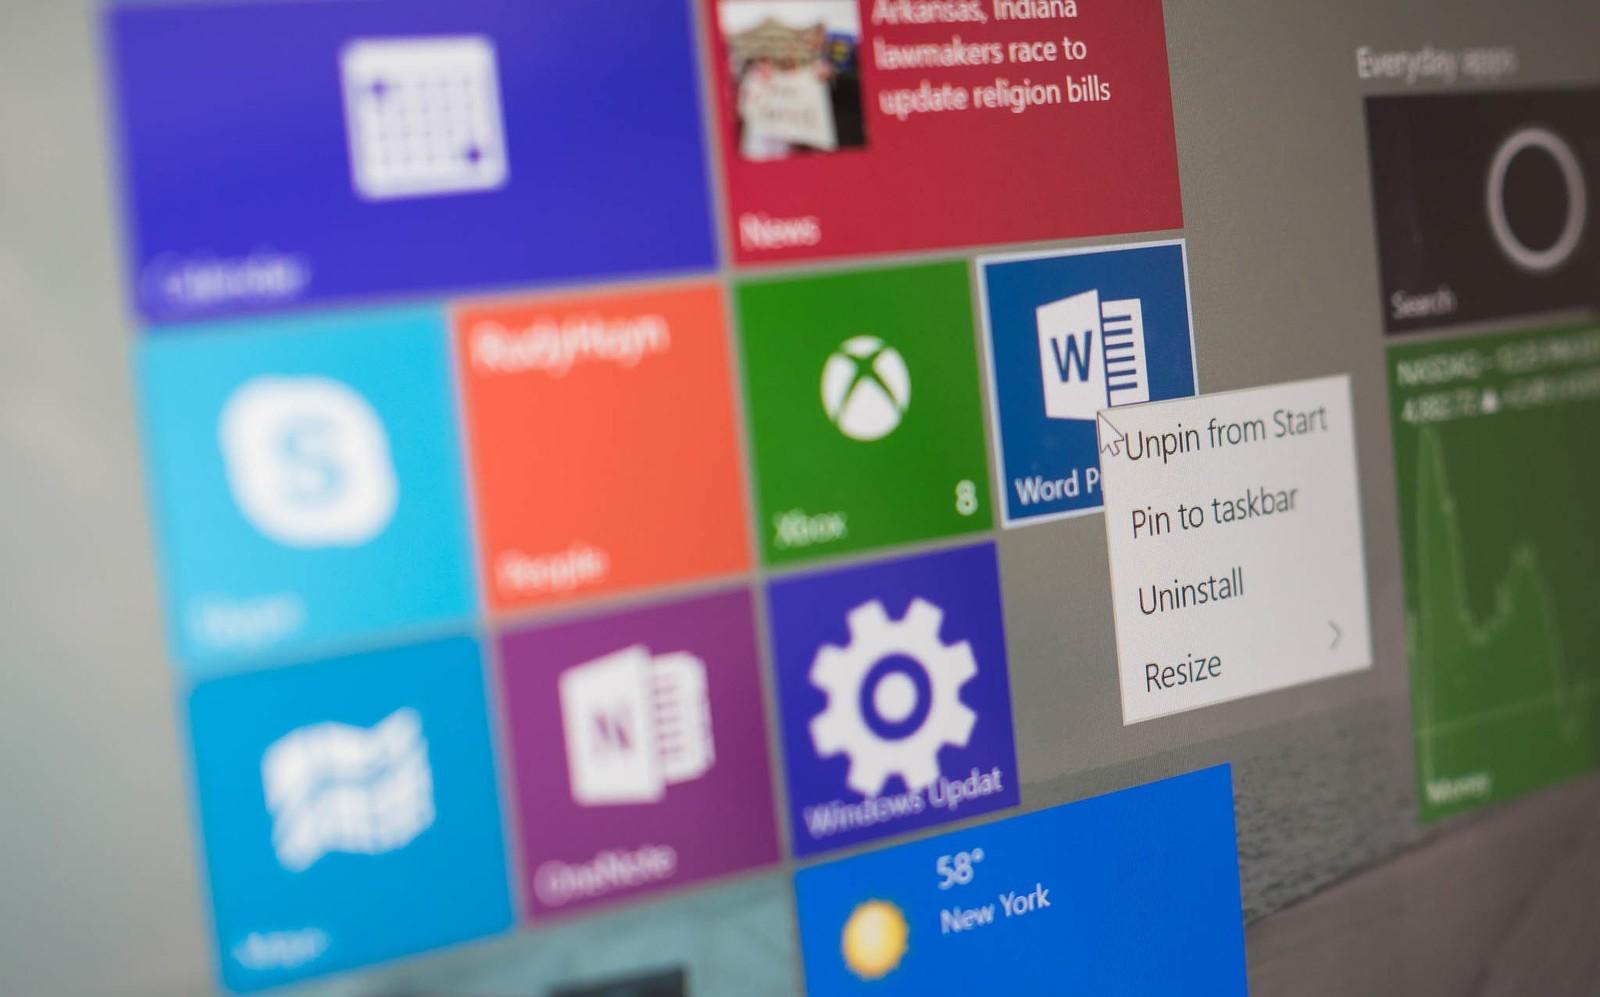 چگونه بیت دیفندر را از ویندوز حذف کنیم؟